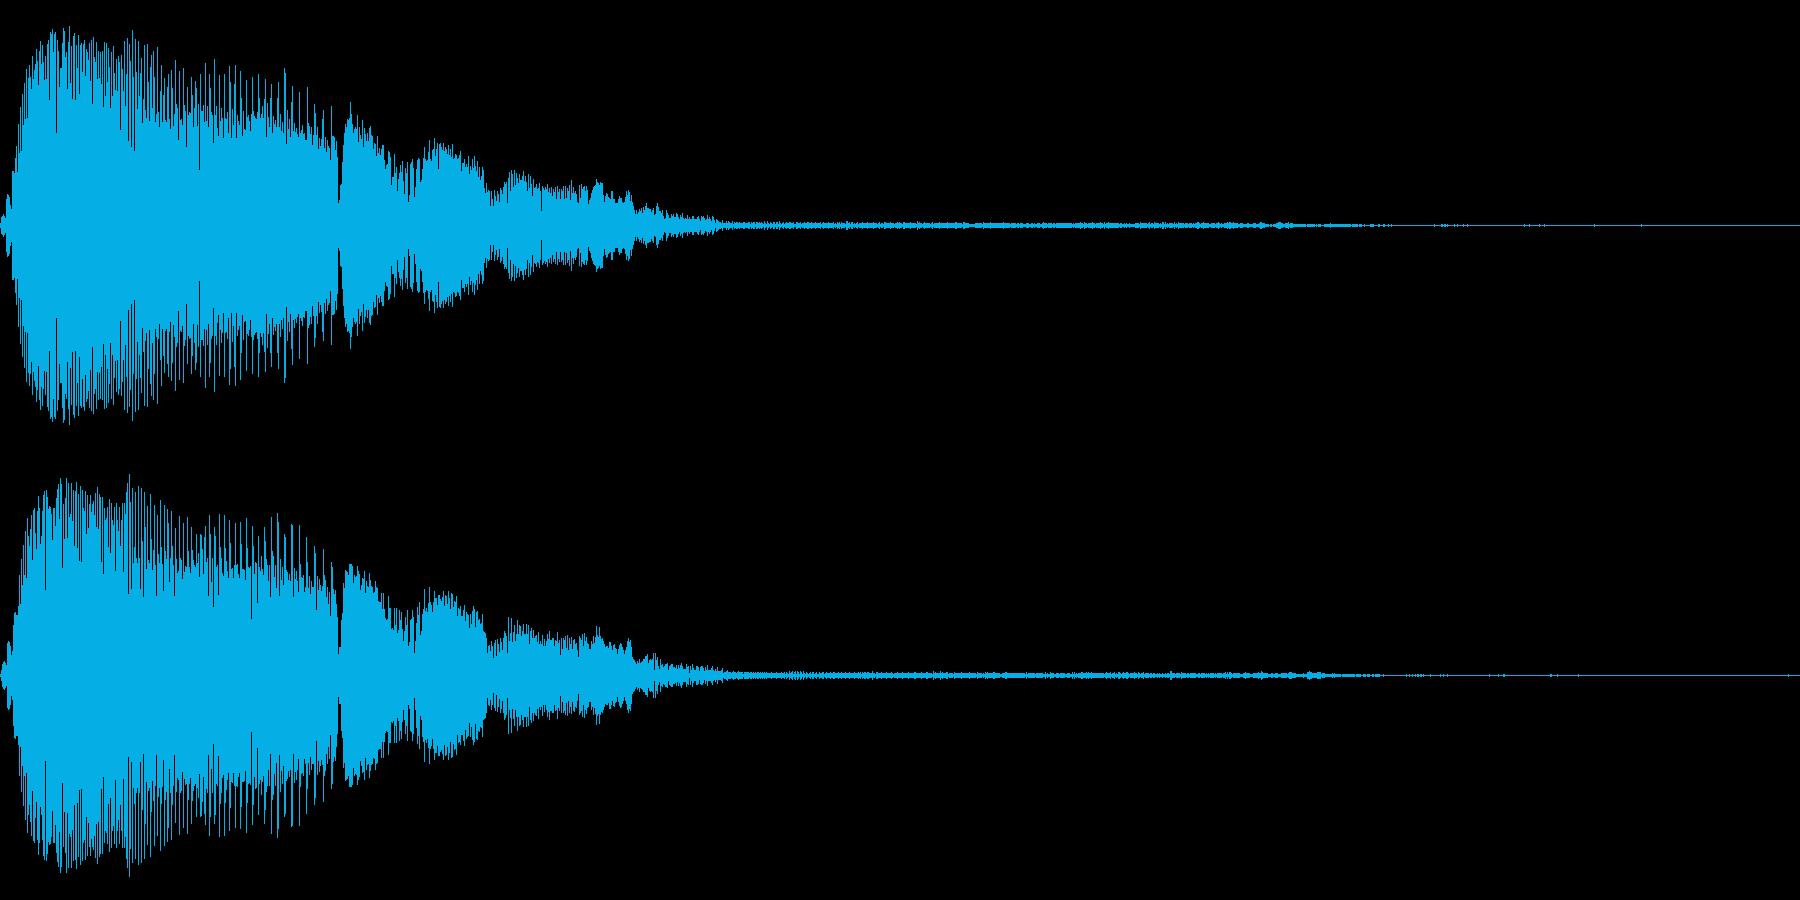 汎用的なシステム音(ステレオバージョン)の再生済みの波形